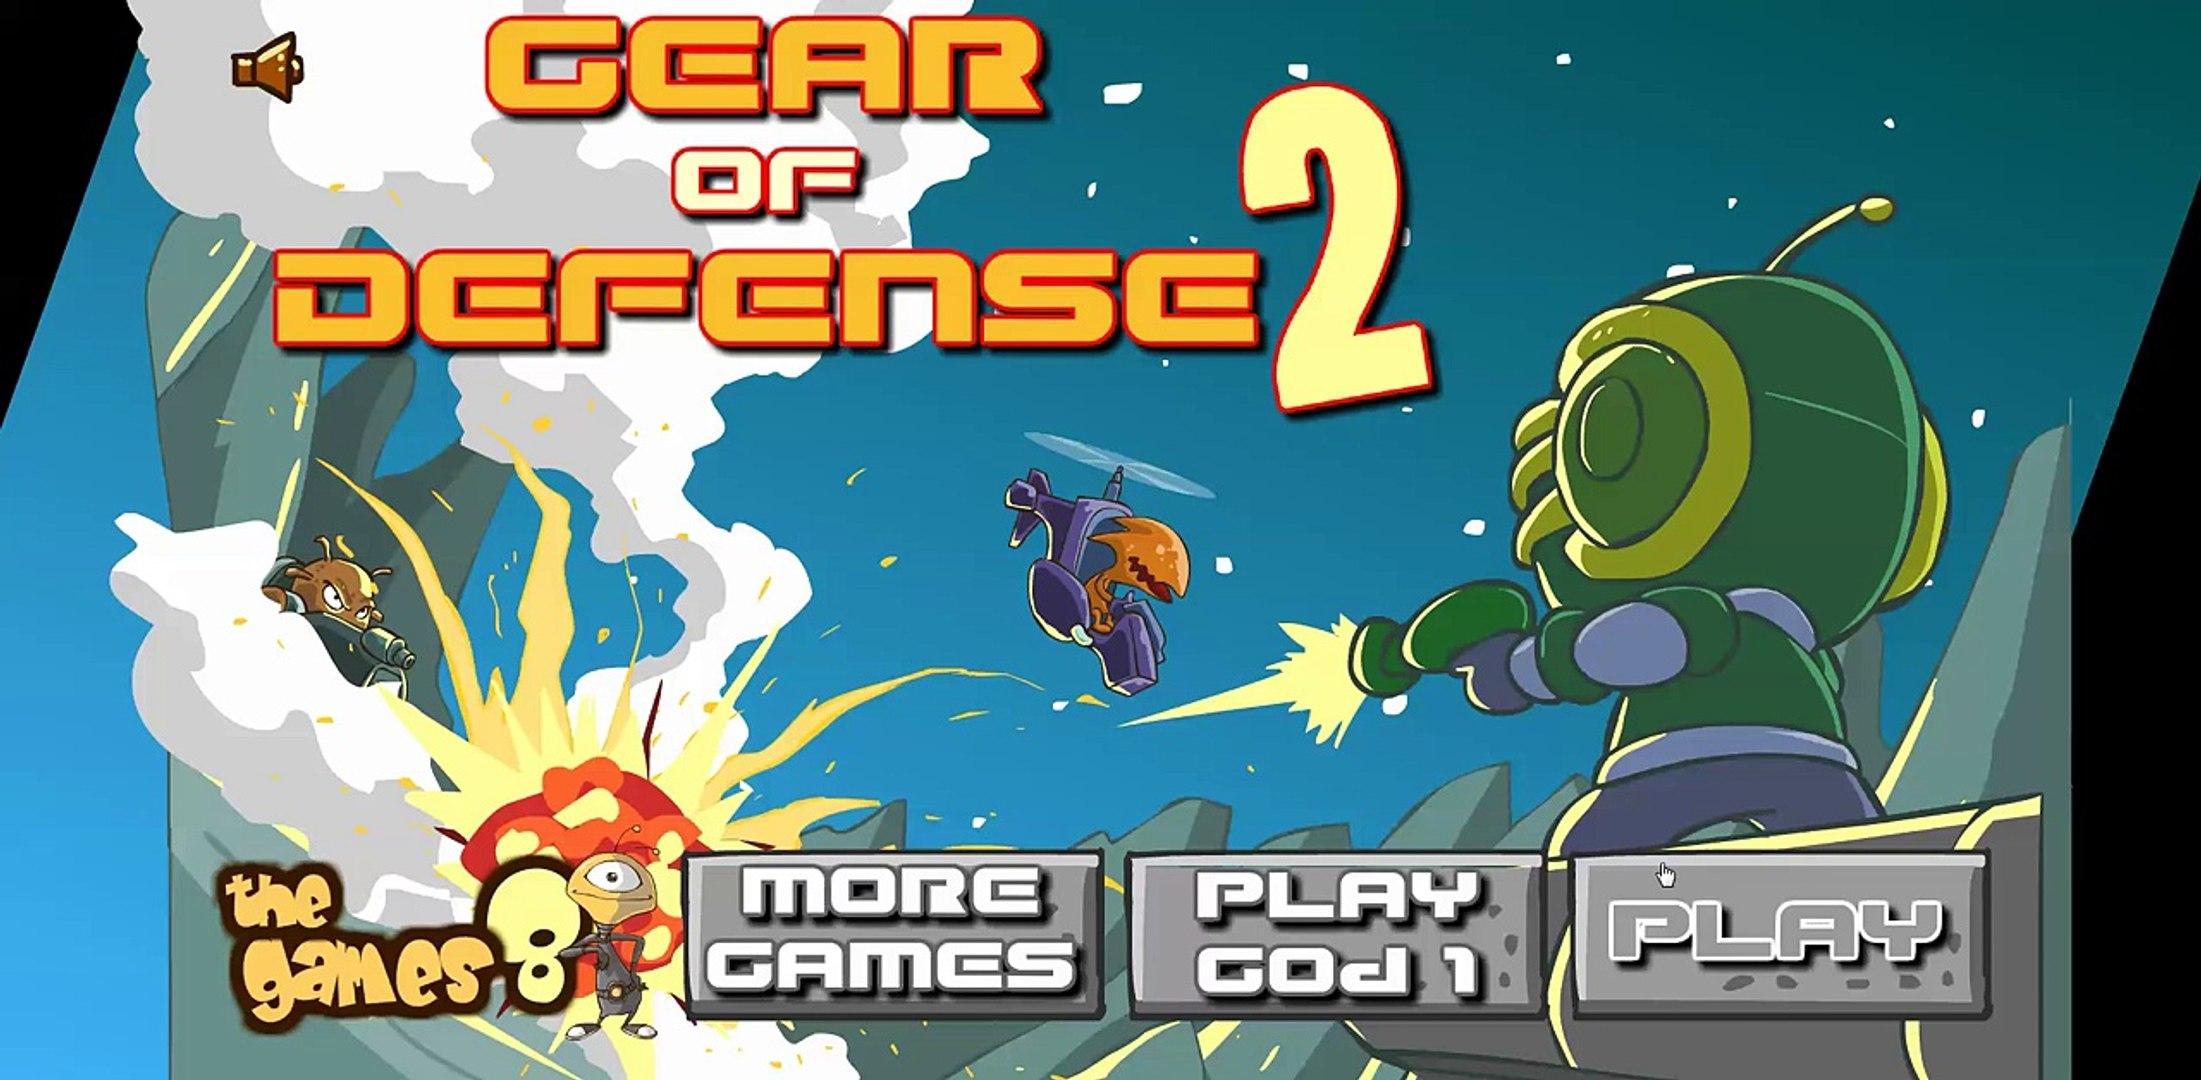 Механизм защиты - Gear of Defense 2